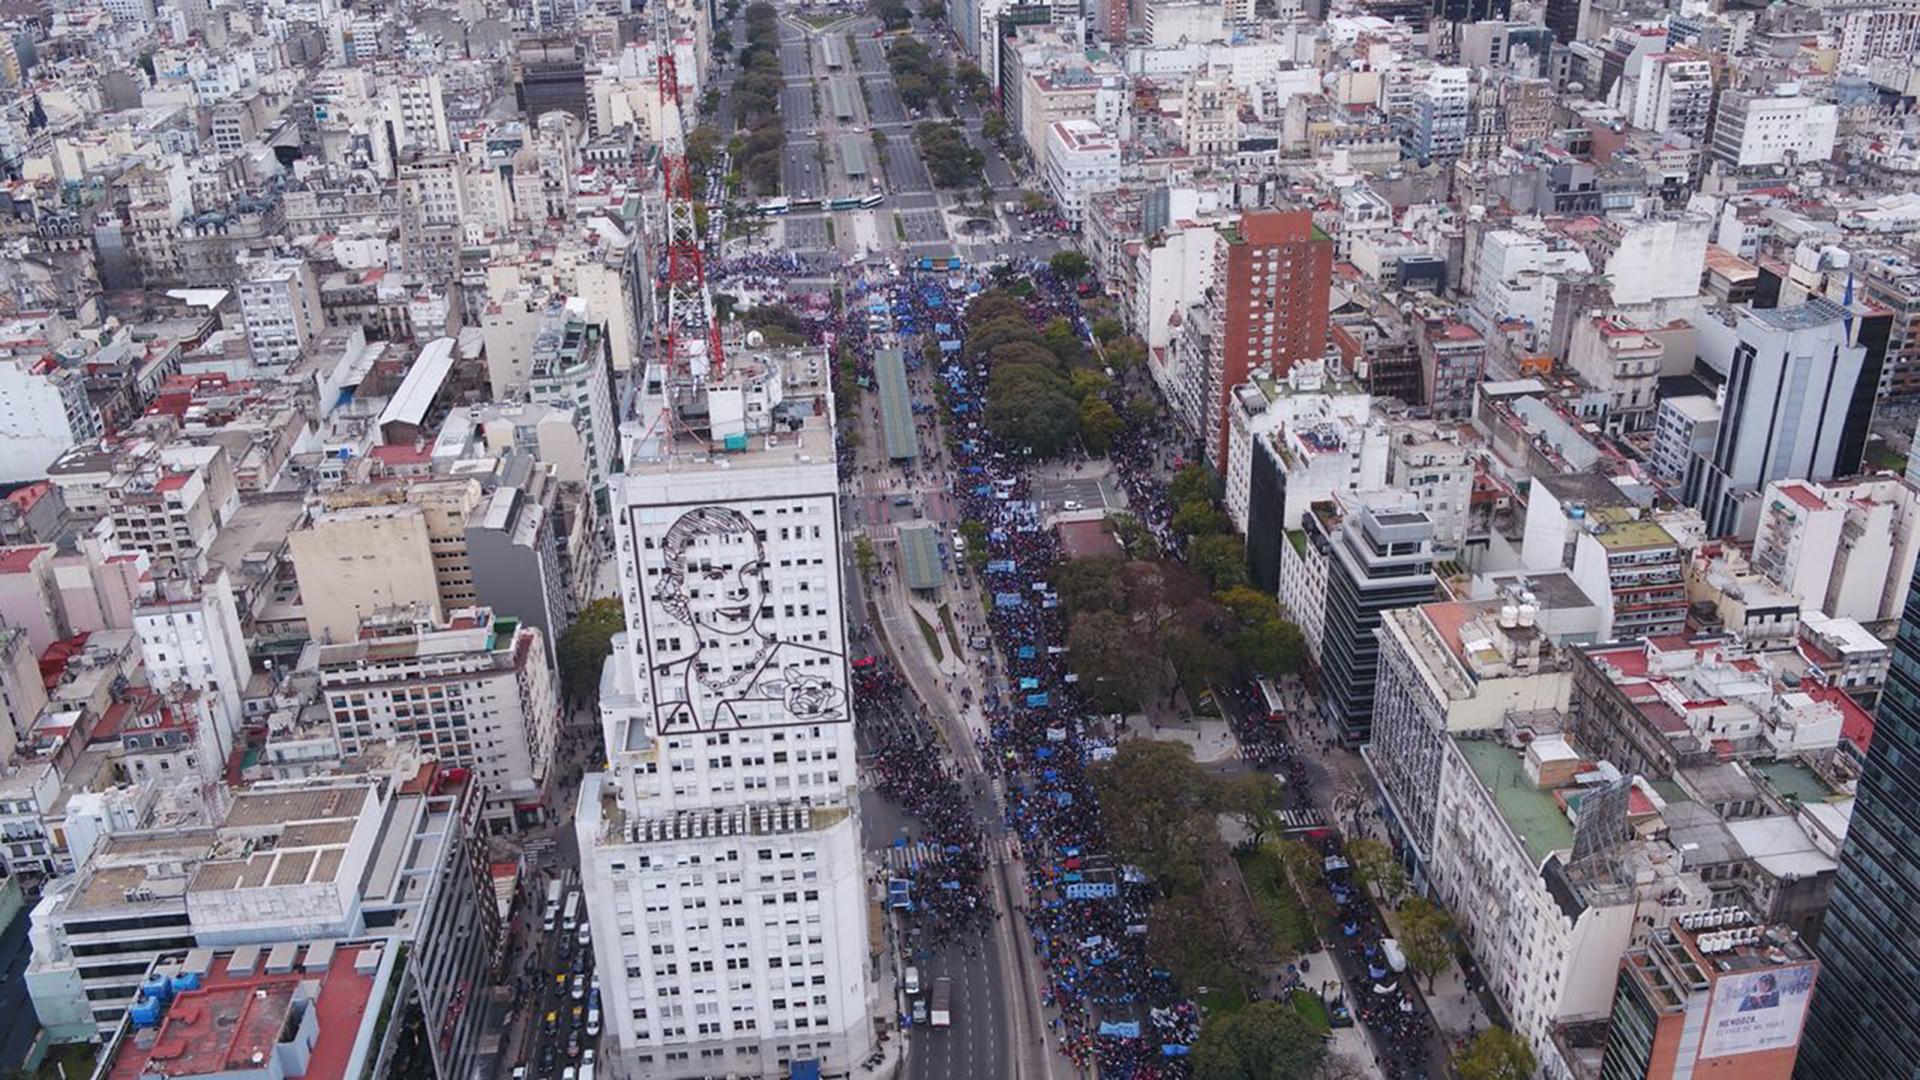 La protesta generó cortes y desvíos de tránsito